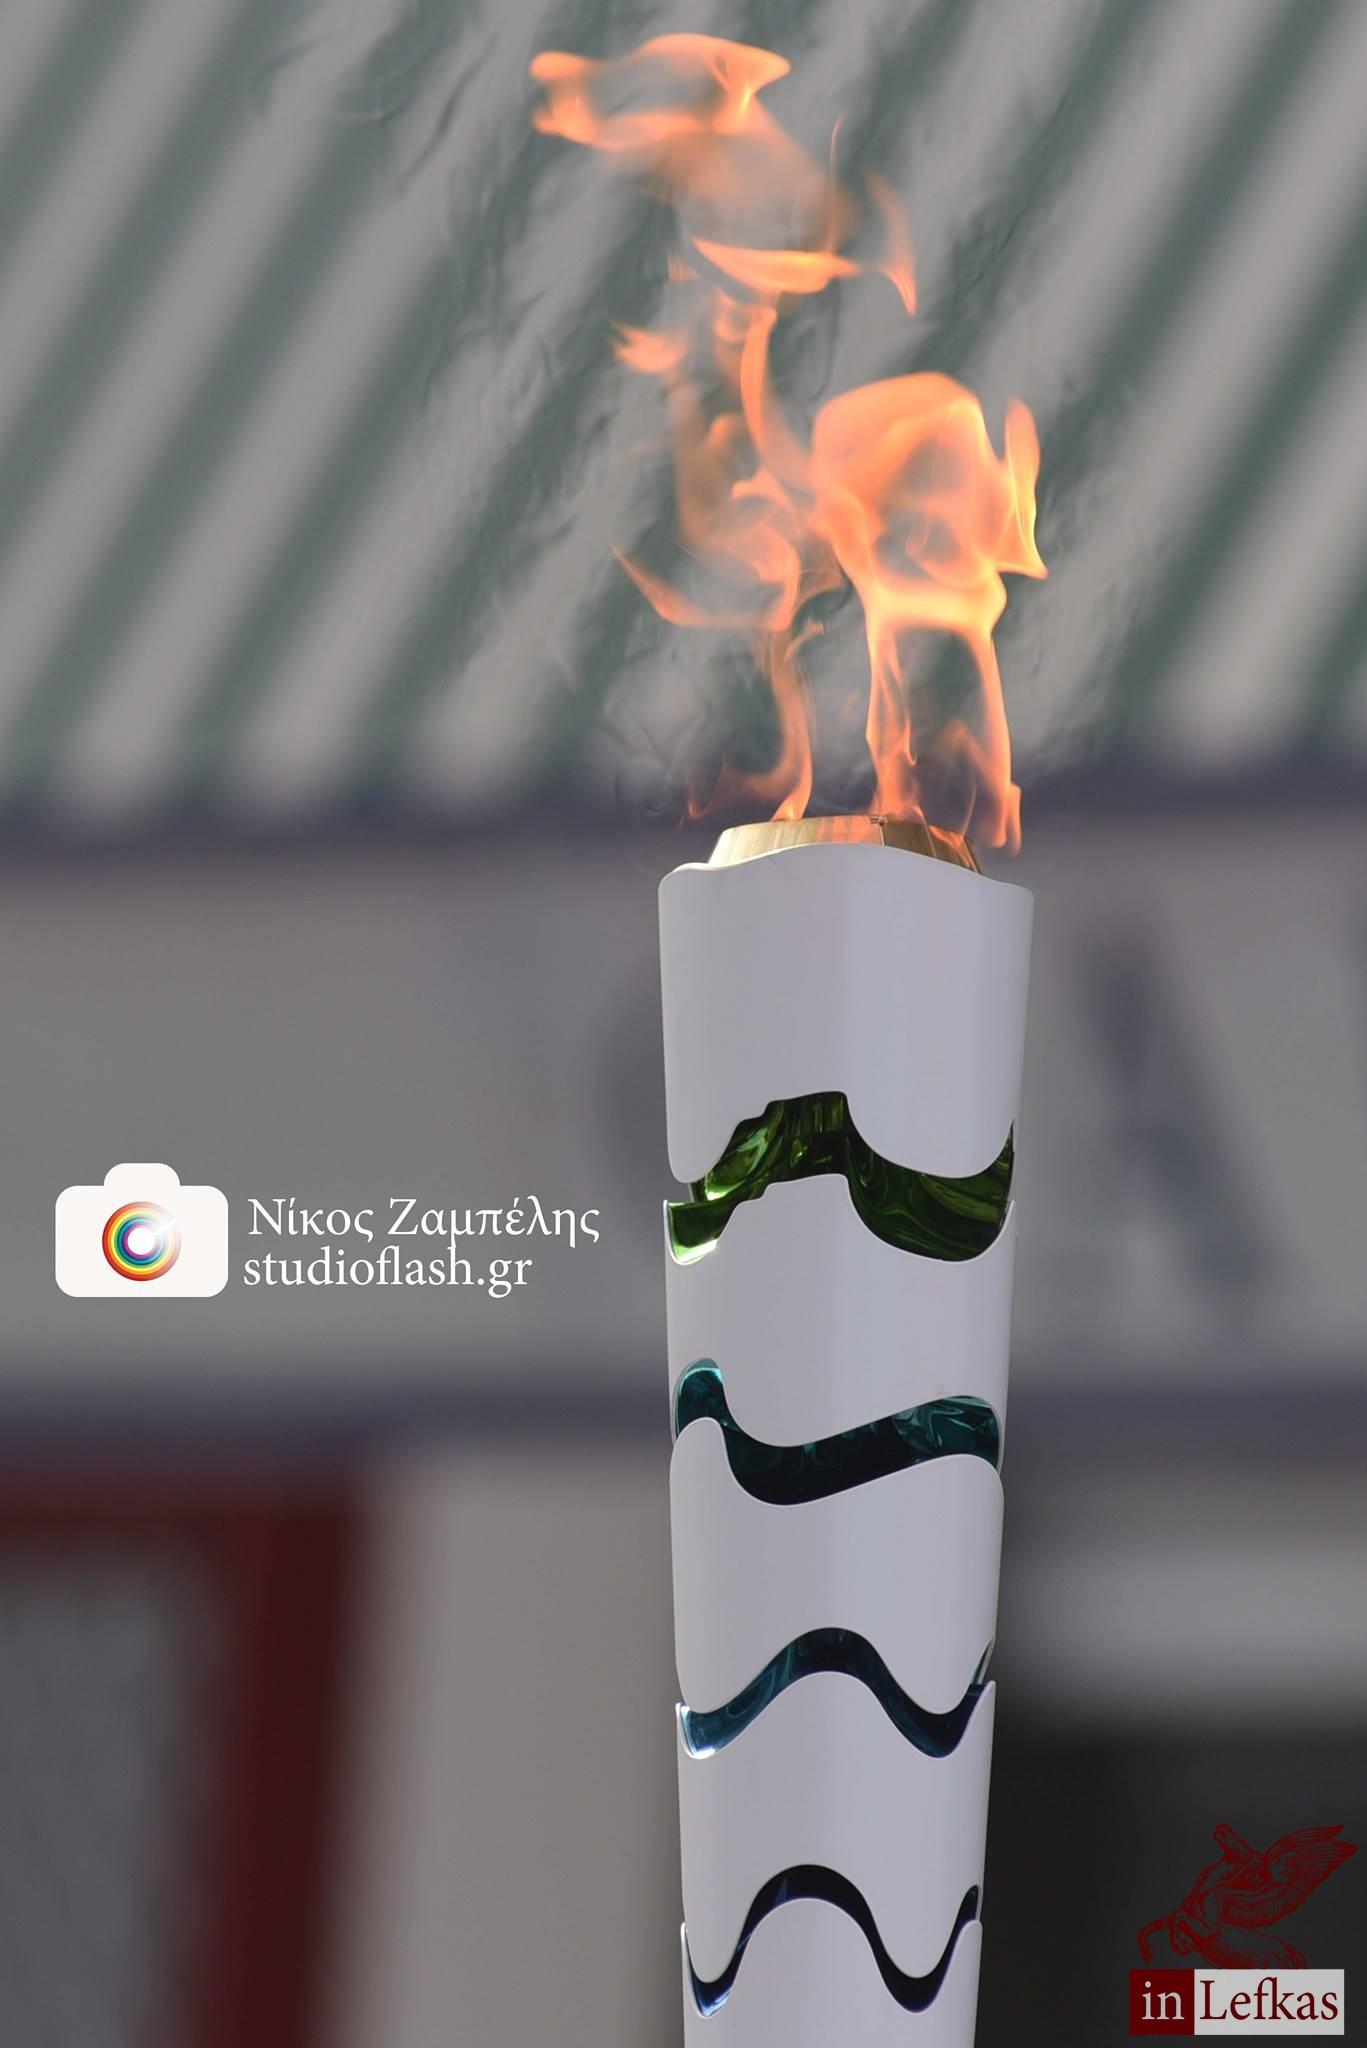 Η Ολυμπιακή Φλόγα στη Λευκάδα, φωτογραφίες του Νίκου Ζαμπέλη